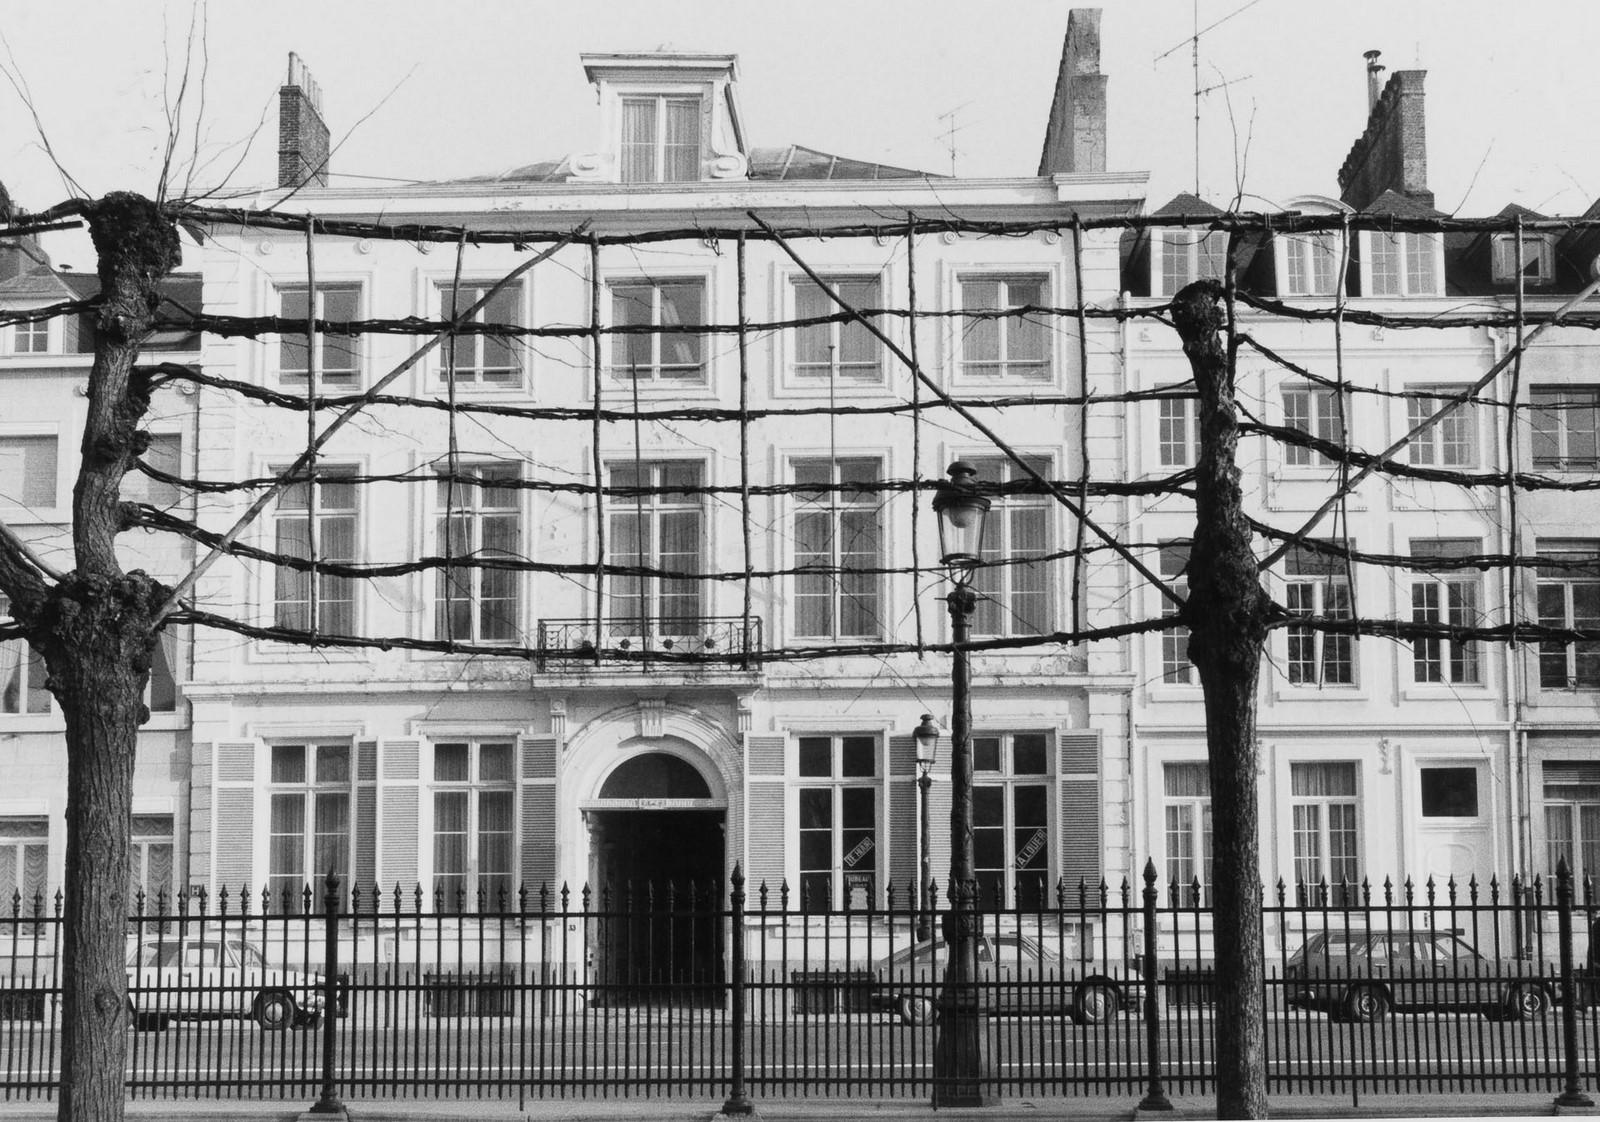 rue Ducale 33, 31., 1981